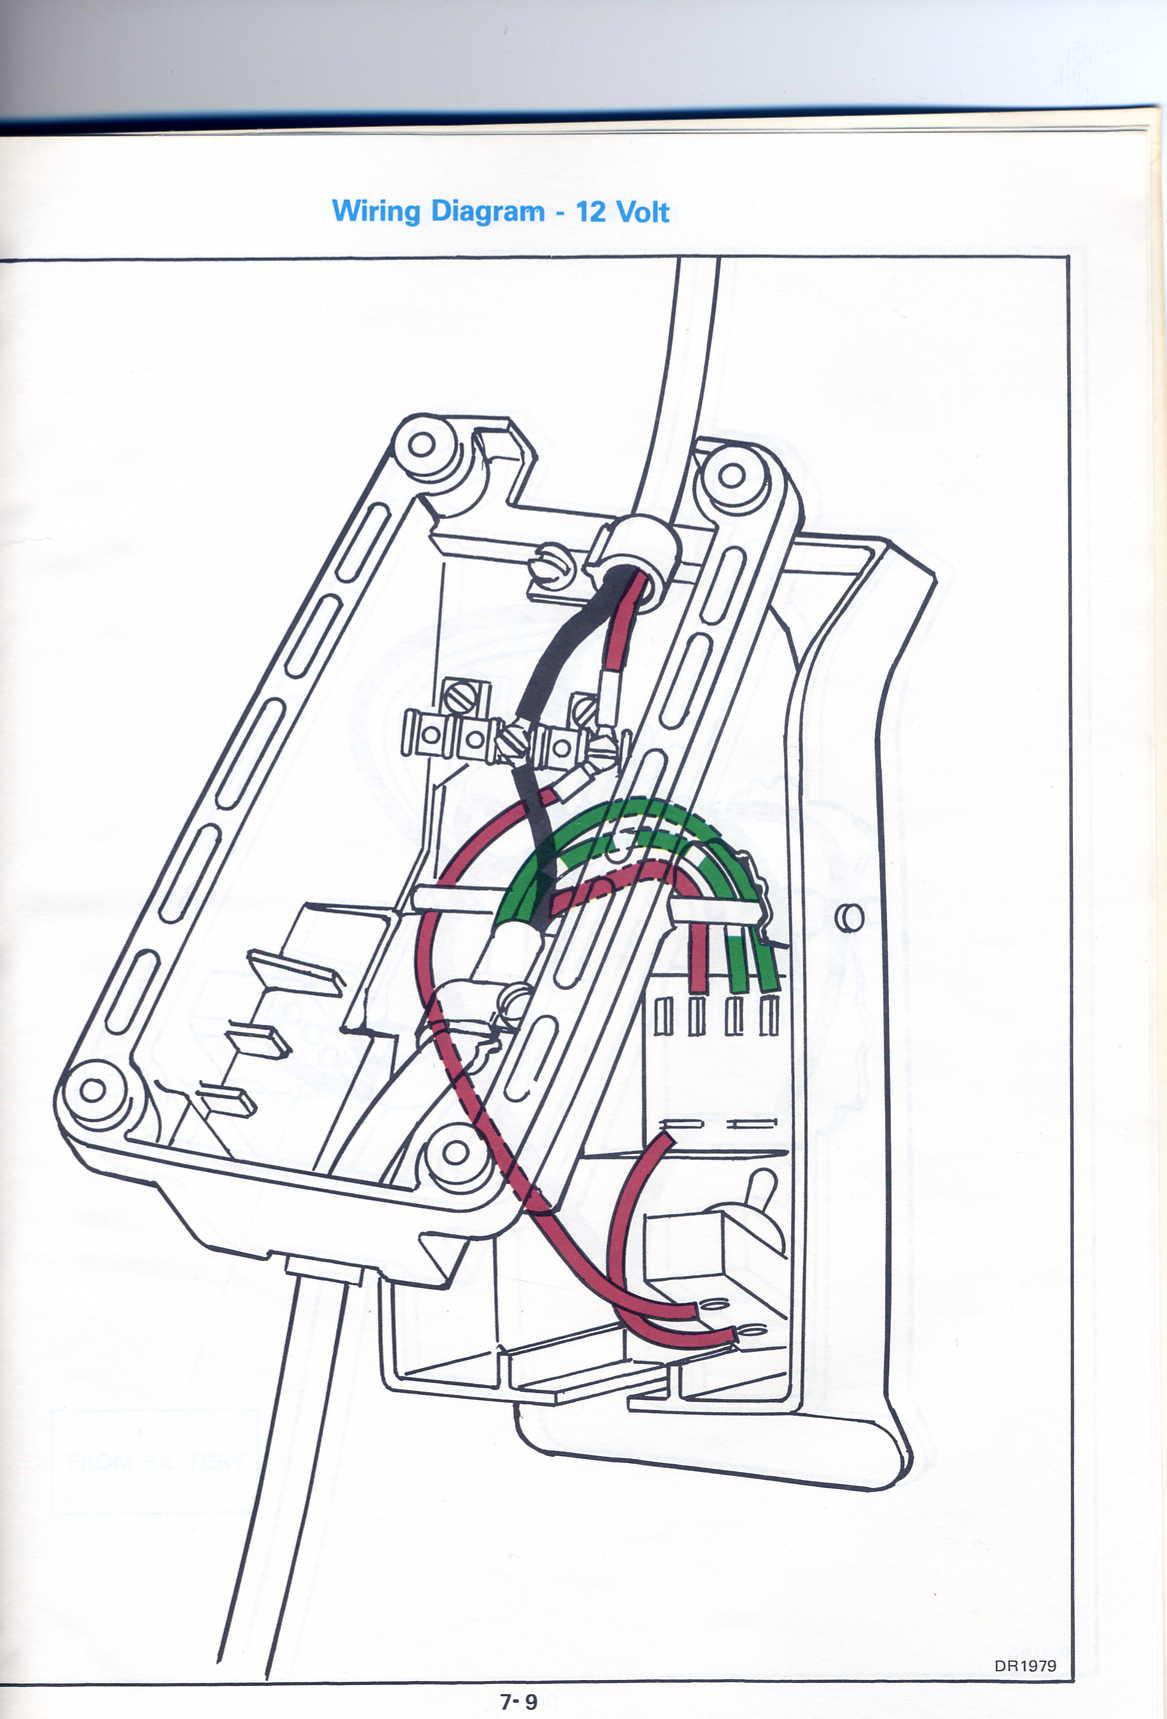 [SCHEMATICS_48IS]  VF_9253] Wiring Diagram As Well Minn Kota 24V Trolling Motor Wiring Diagram  Free Diagram | 12 24 Trolling Motor Wiring Diagram |  | Capem Aidew Illuminateatx Librar Wiring 101